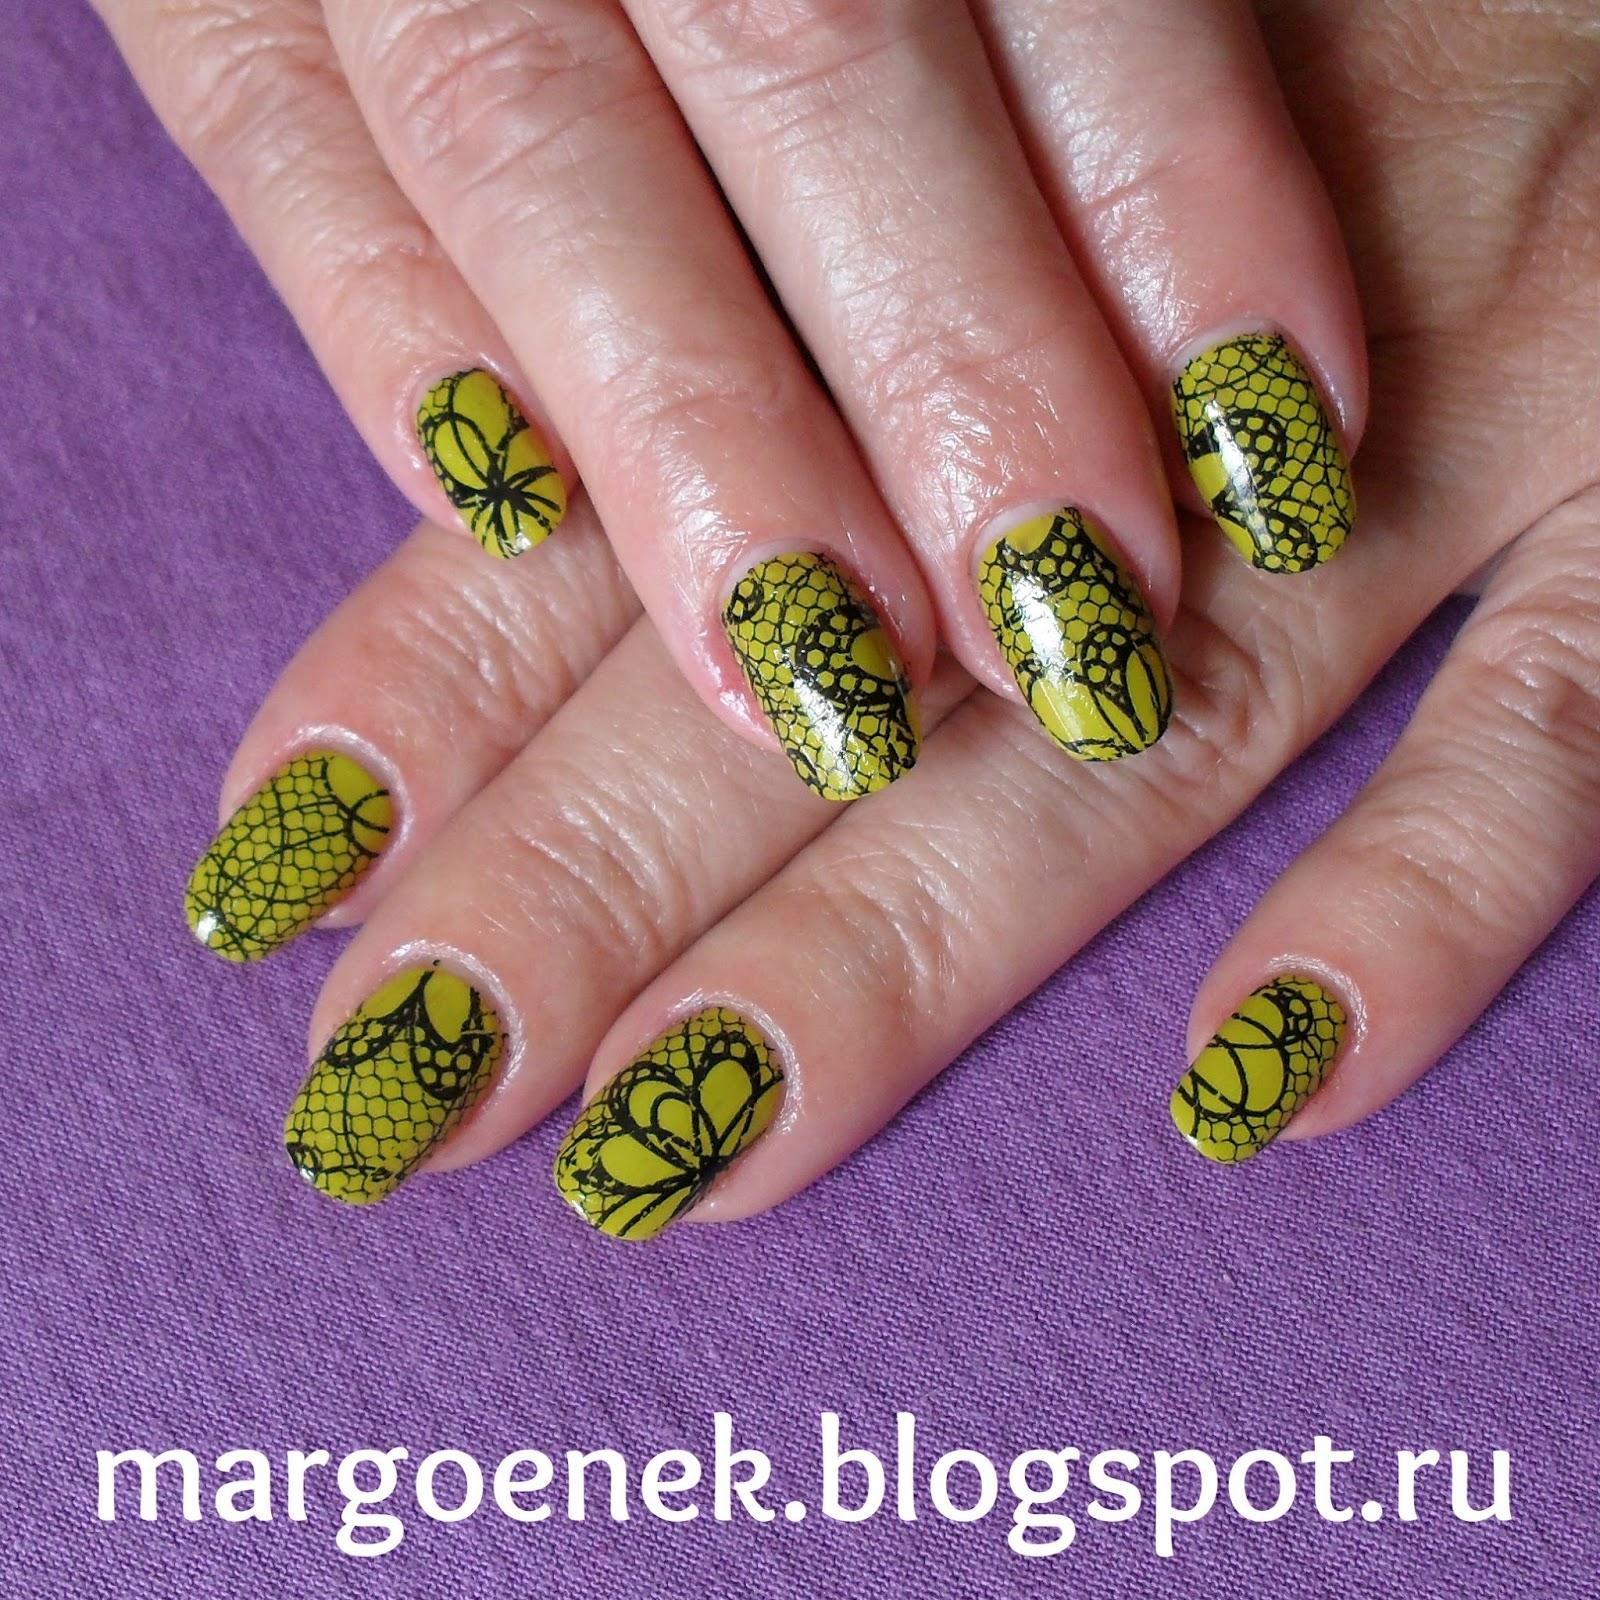 Ногти в форме фисташек